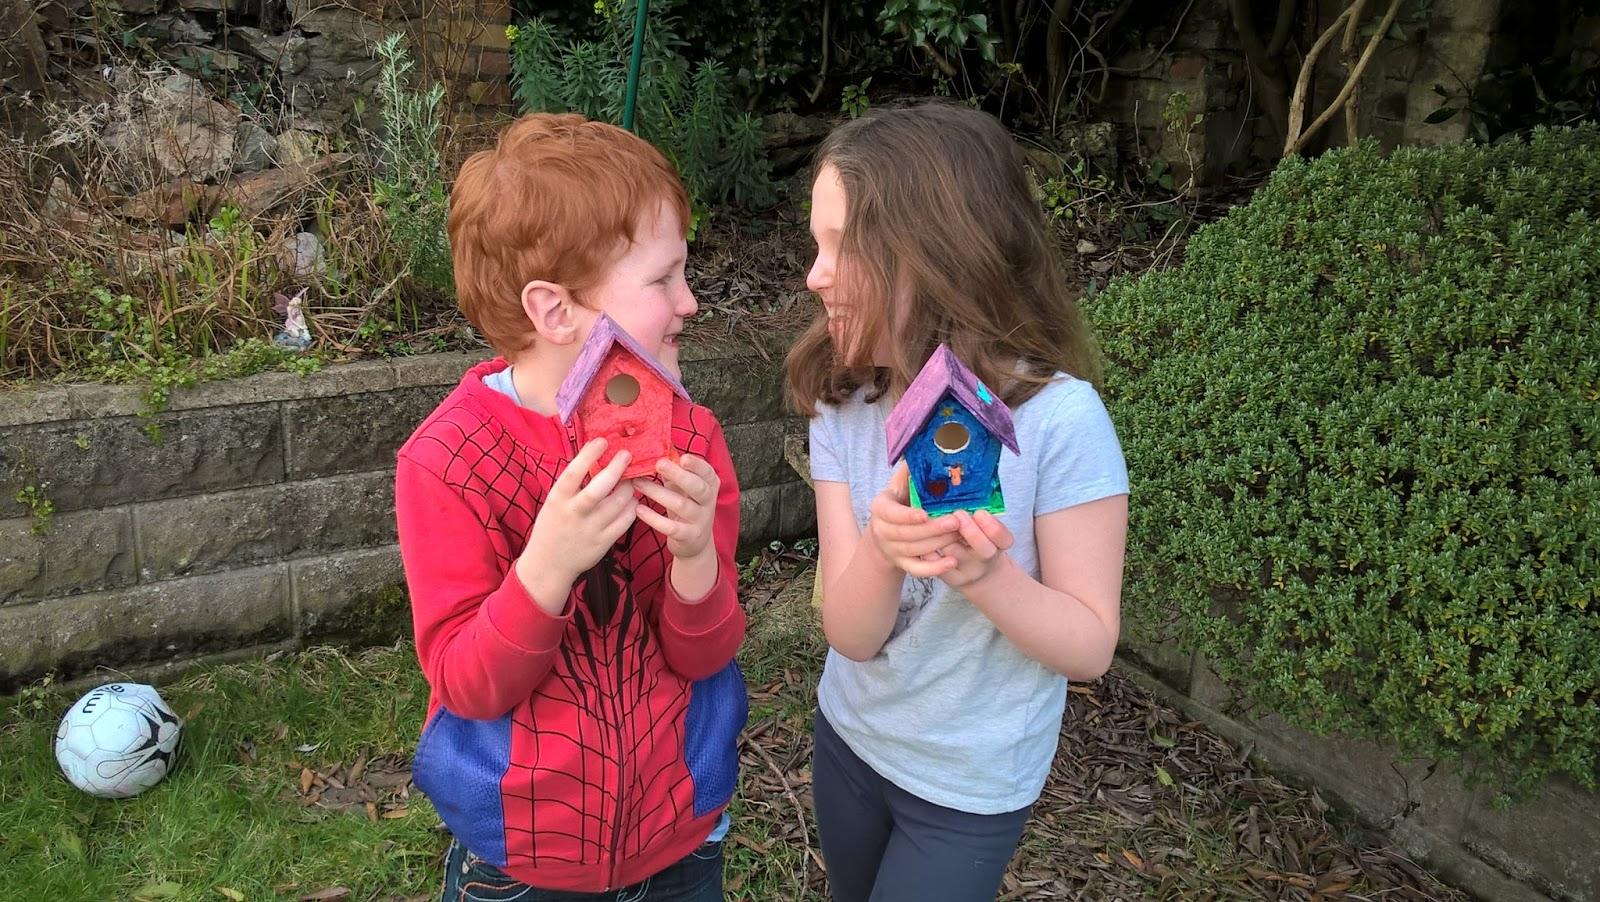 Caitlin & Ieuan Hobbis with mini bird houses in the garden - Surcare Help A Hand Challenge - motherdistracted.co.uk